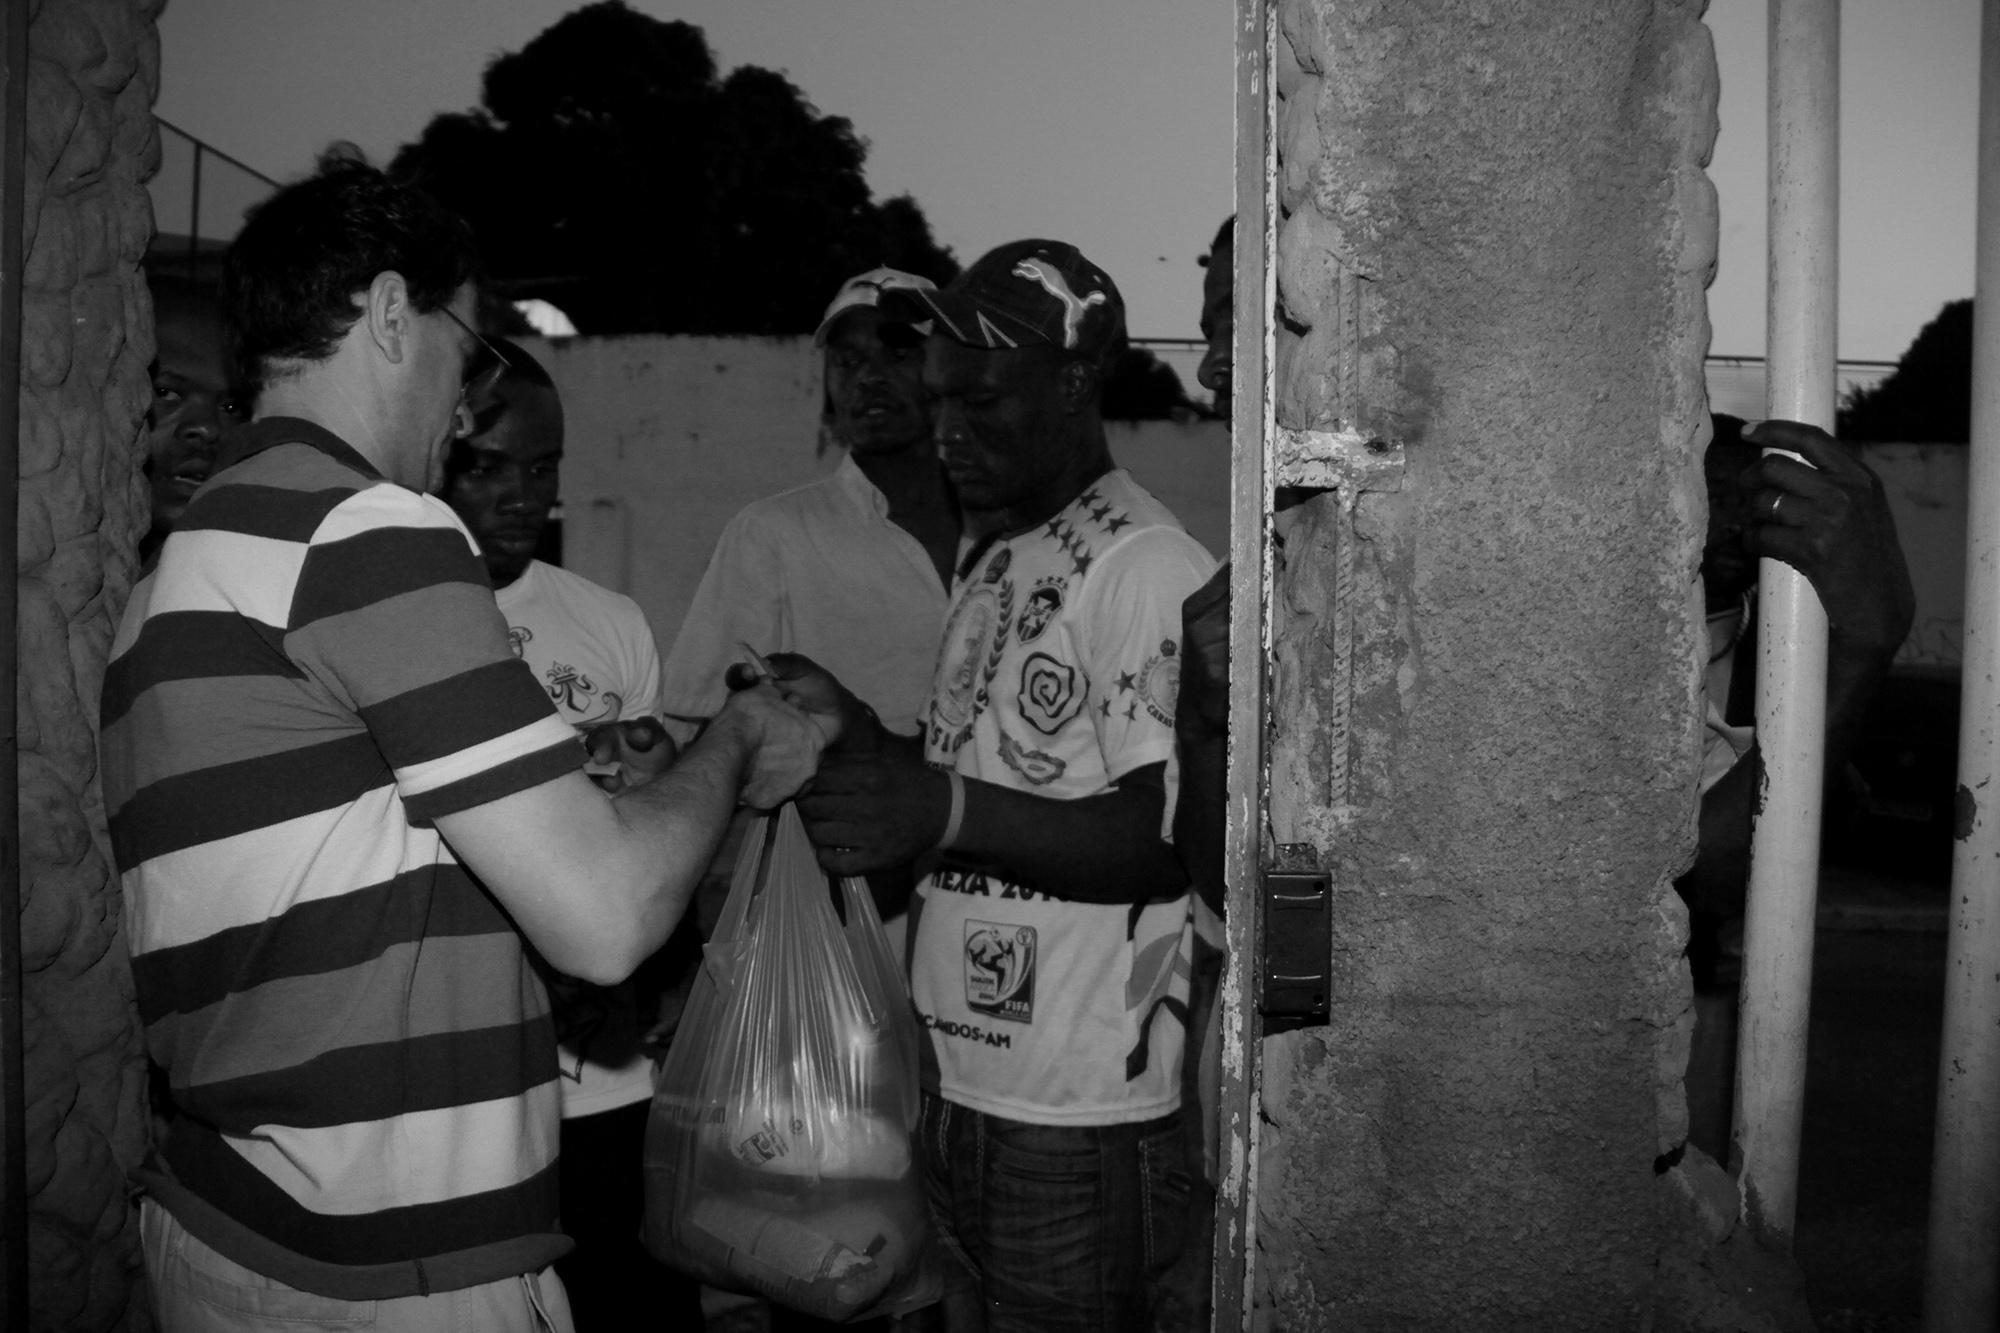 Caos na Pandemia: Migrantes estão em situação de fome, diz padre Valdecir Molinari